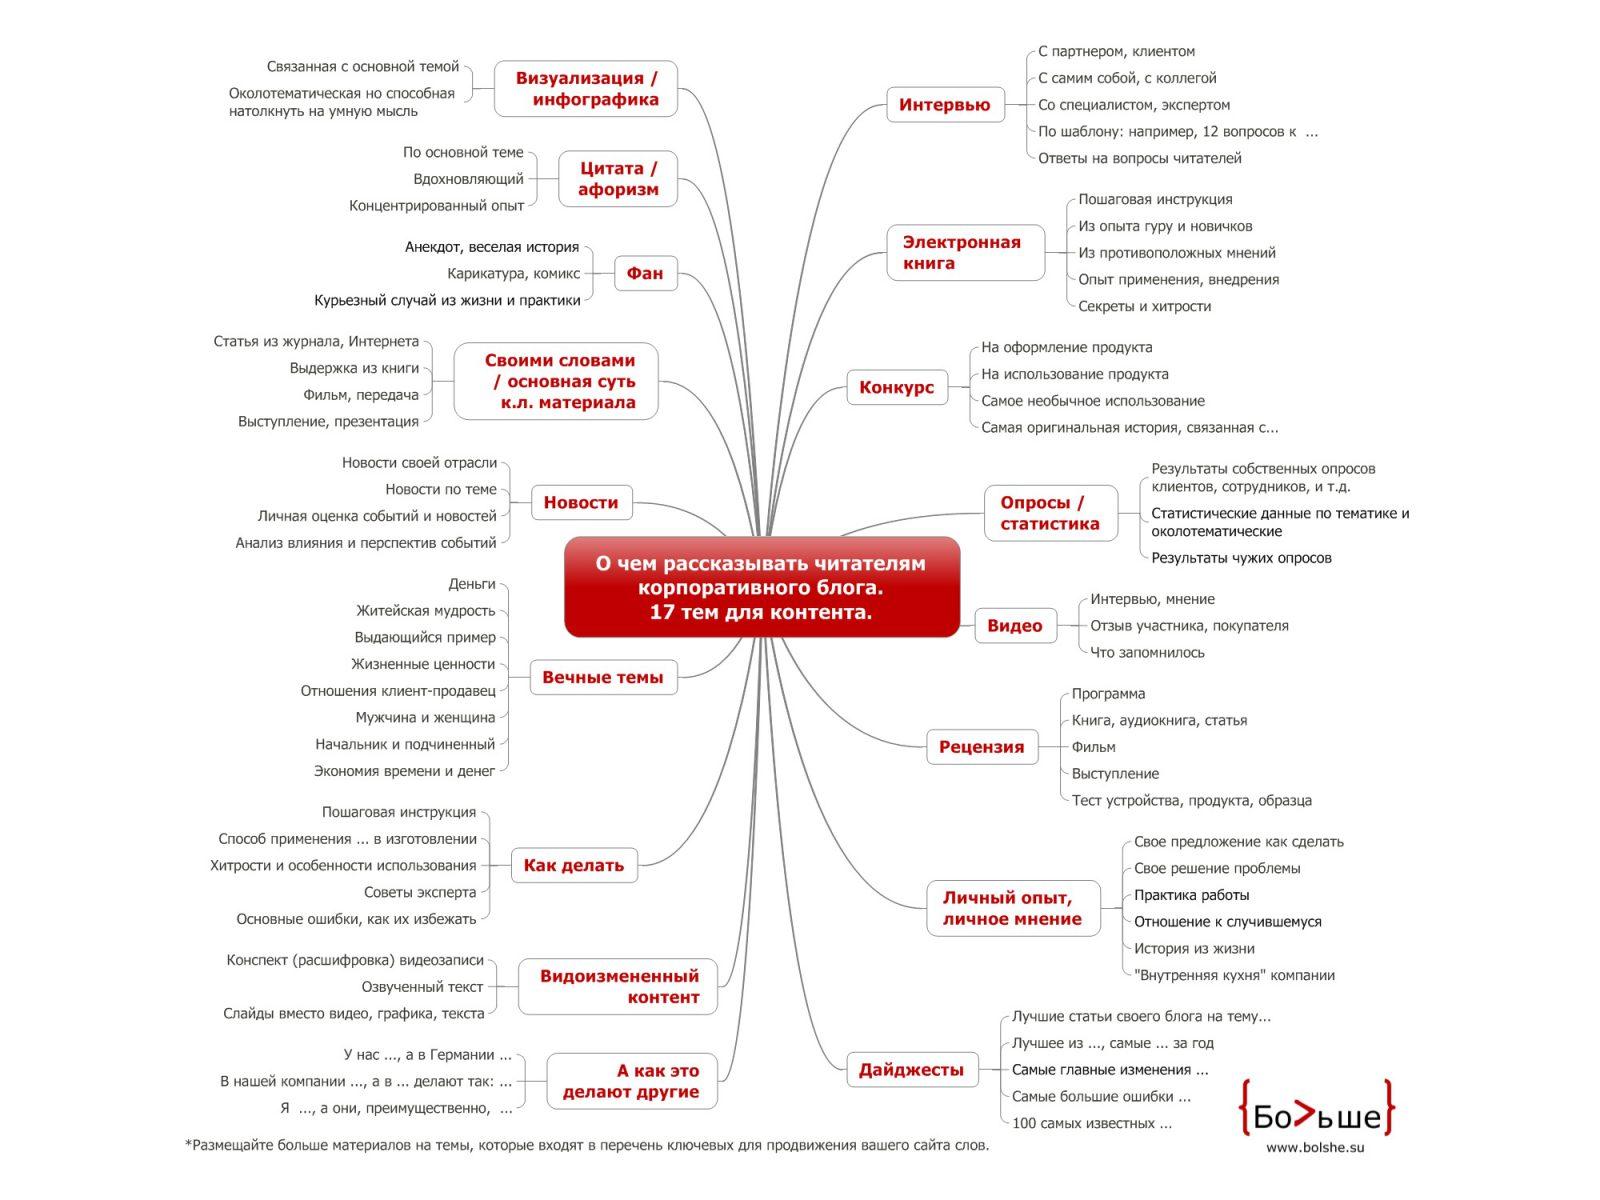 17 тем для корпоративного блога